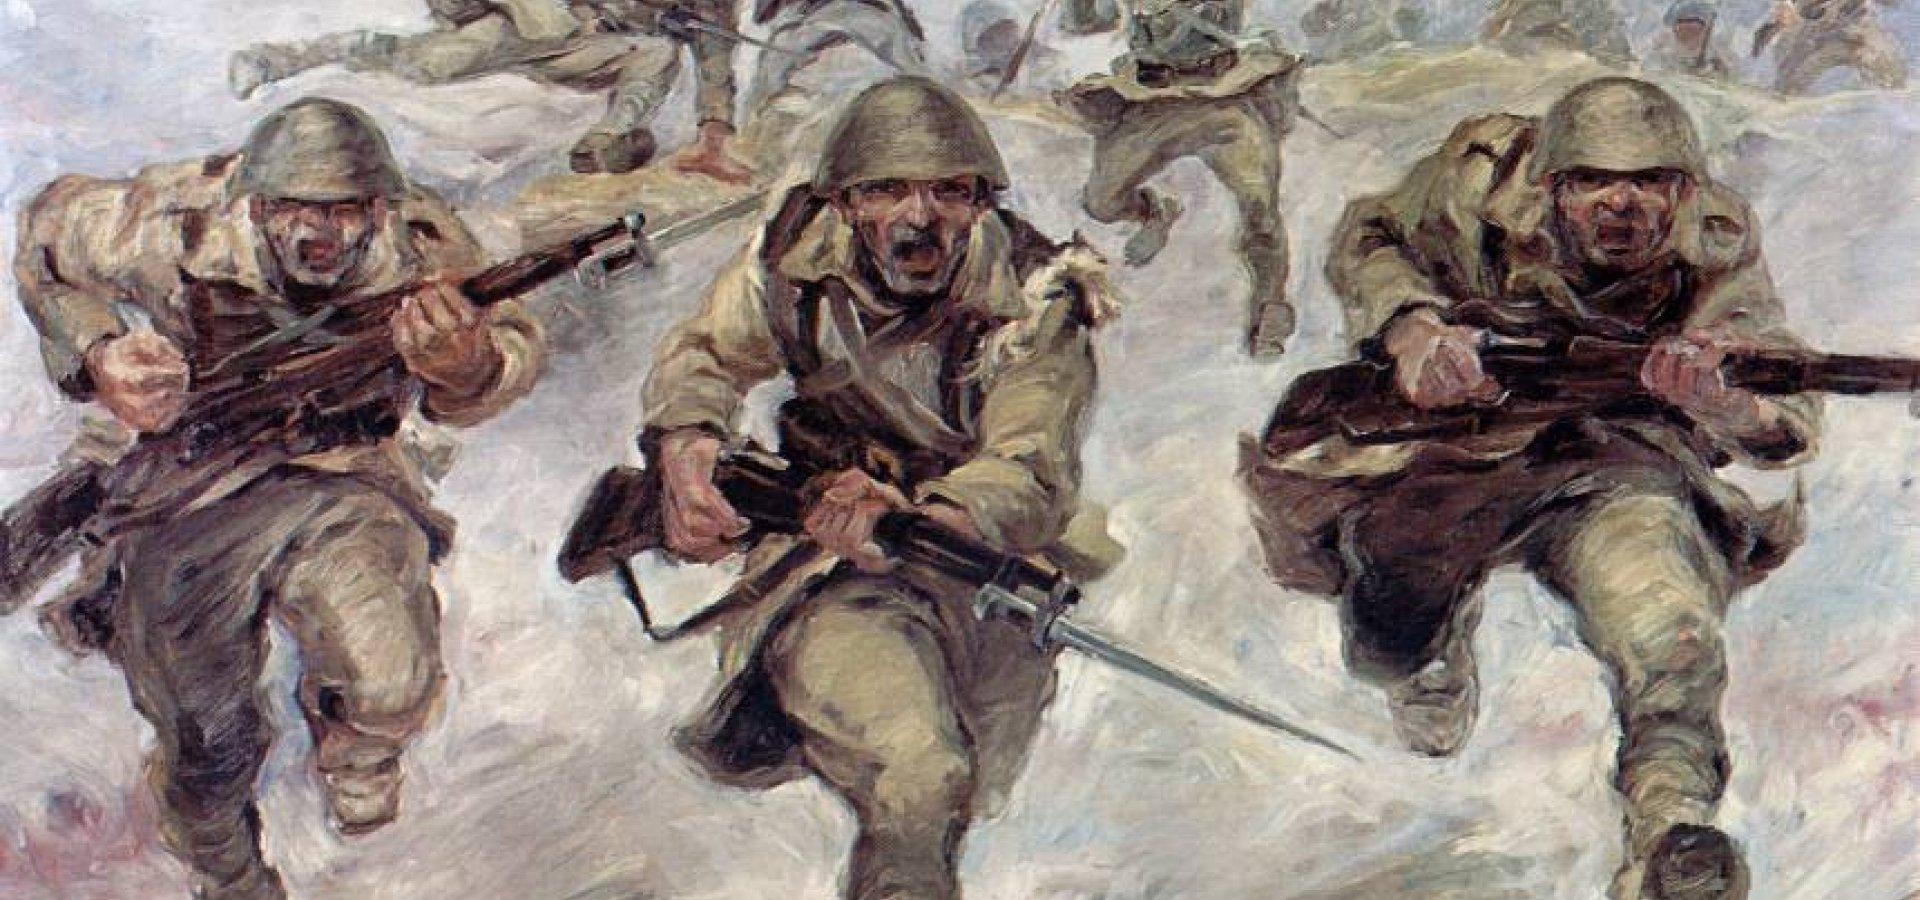 28Η ΟΚΤΩΒΡΙΟΥ 1940: «ALORS. C' EST LA GUERRE» («ΚΑΛΑ, ΛΟΙΠΟΝ. ΕΧΟΜΕΝ ΠΟΛΕΜΟΝ»)